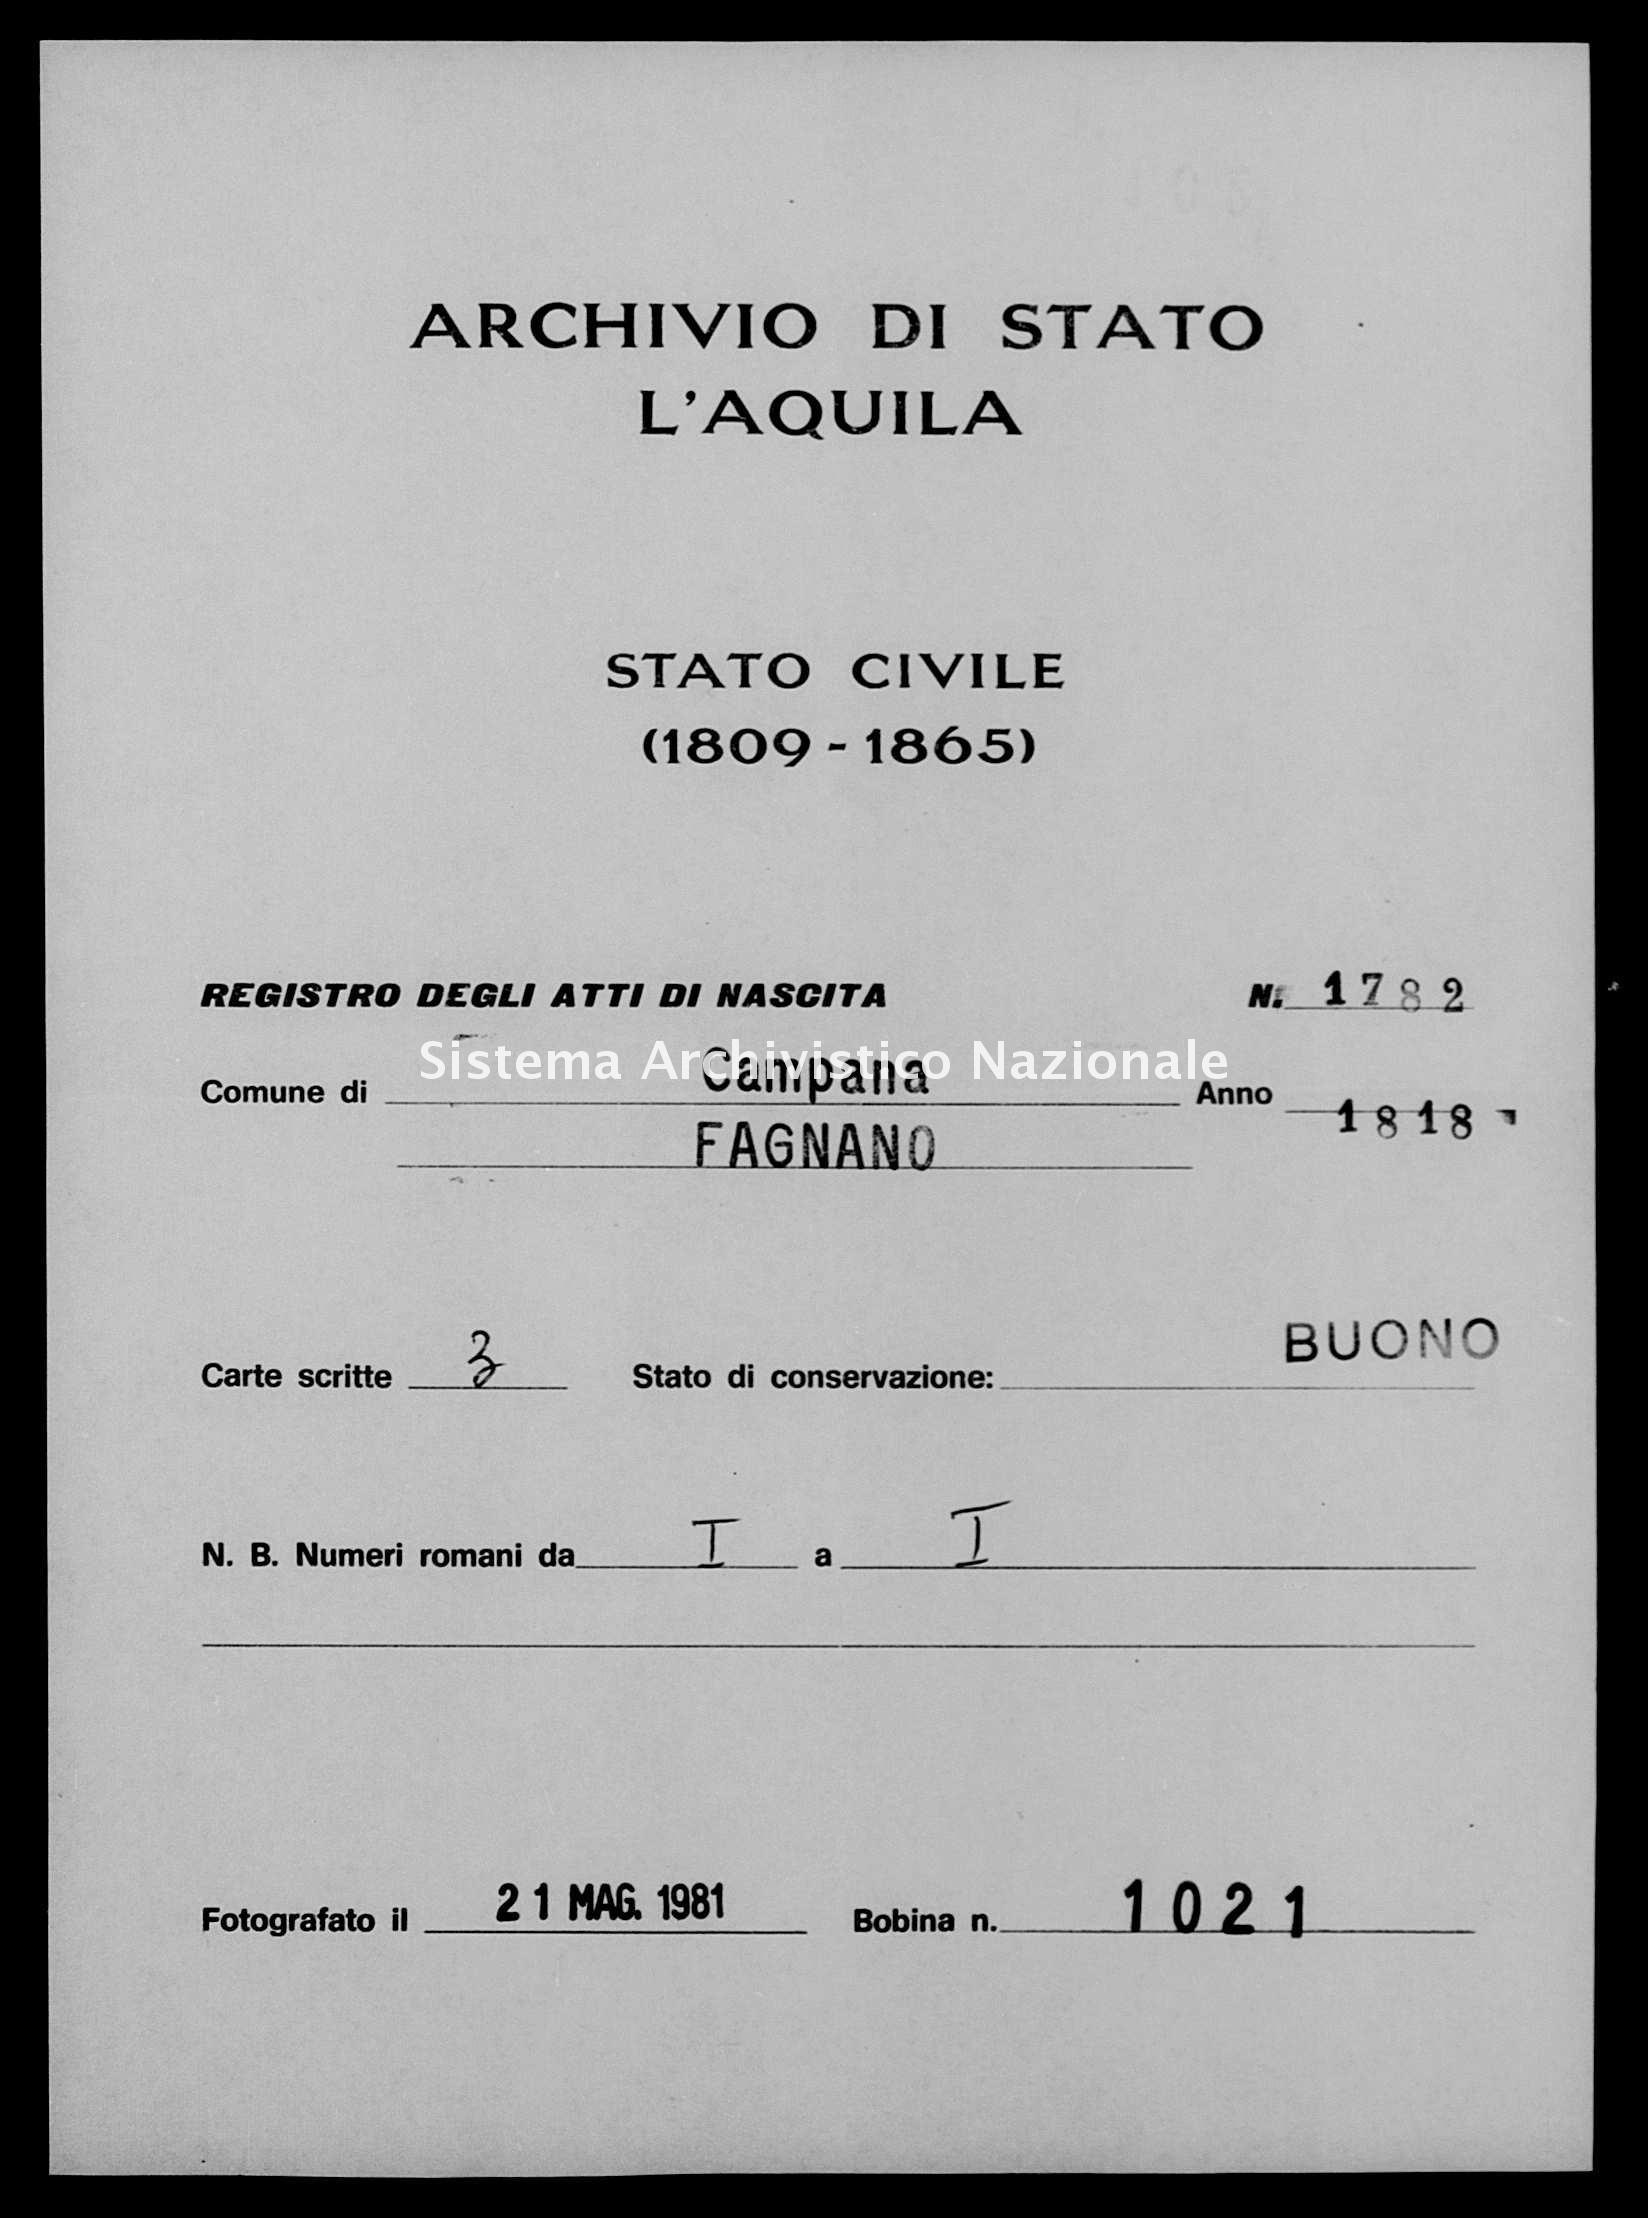 Archivio di stato di L'aquila - Stato civile della restaurazione - Campana - Nati - 1818 - 1782 -